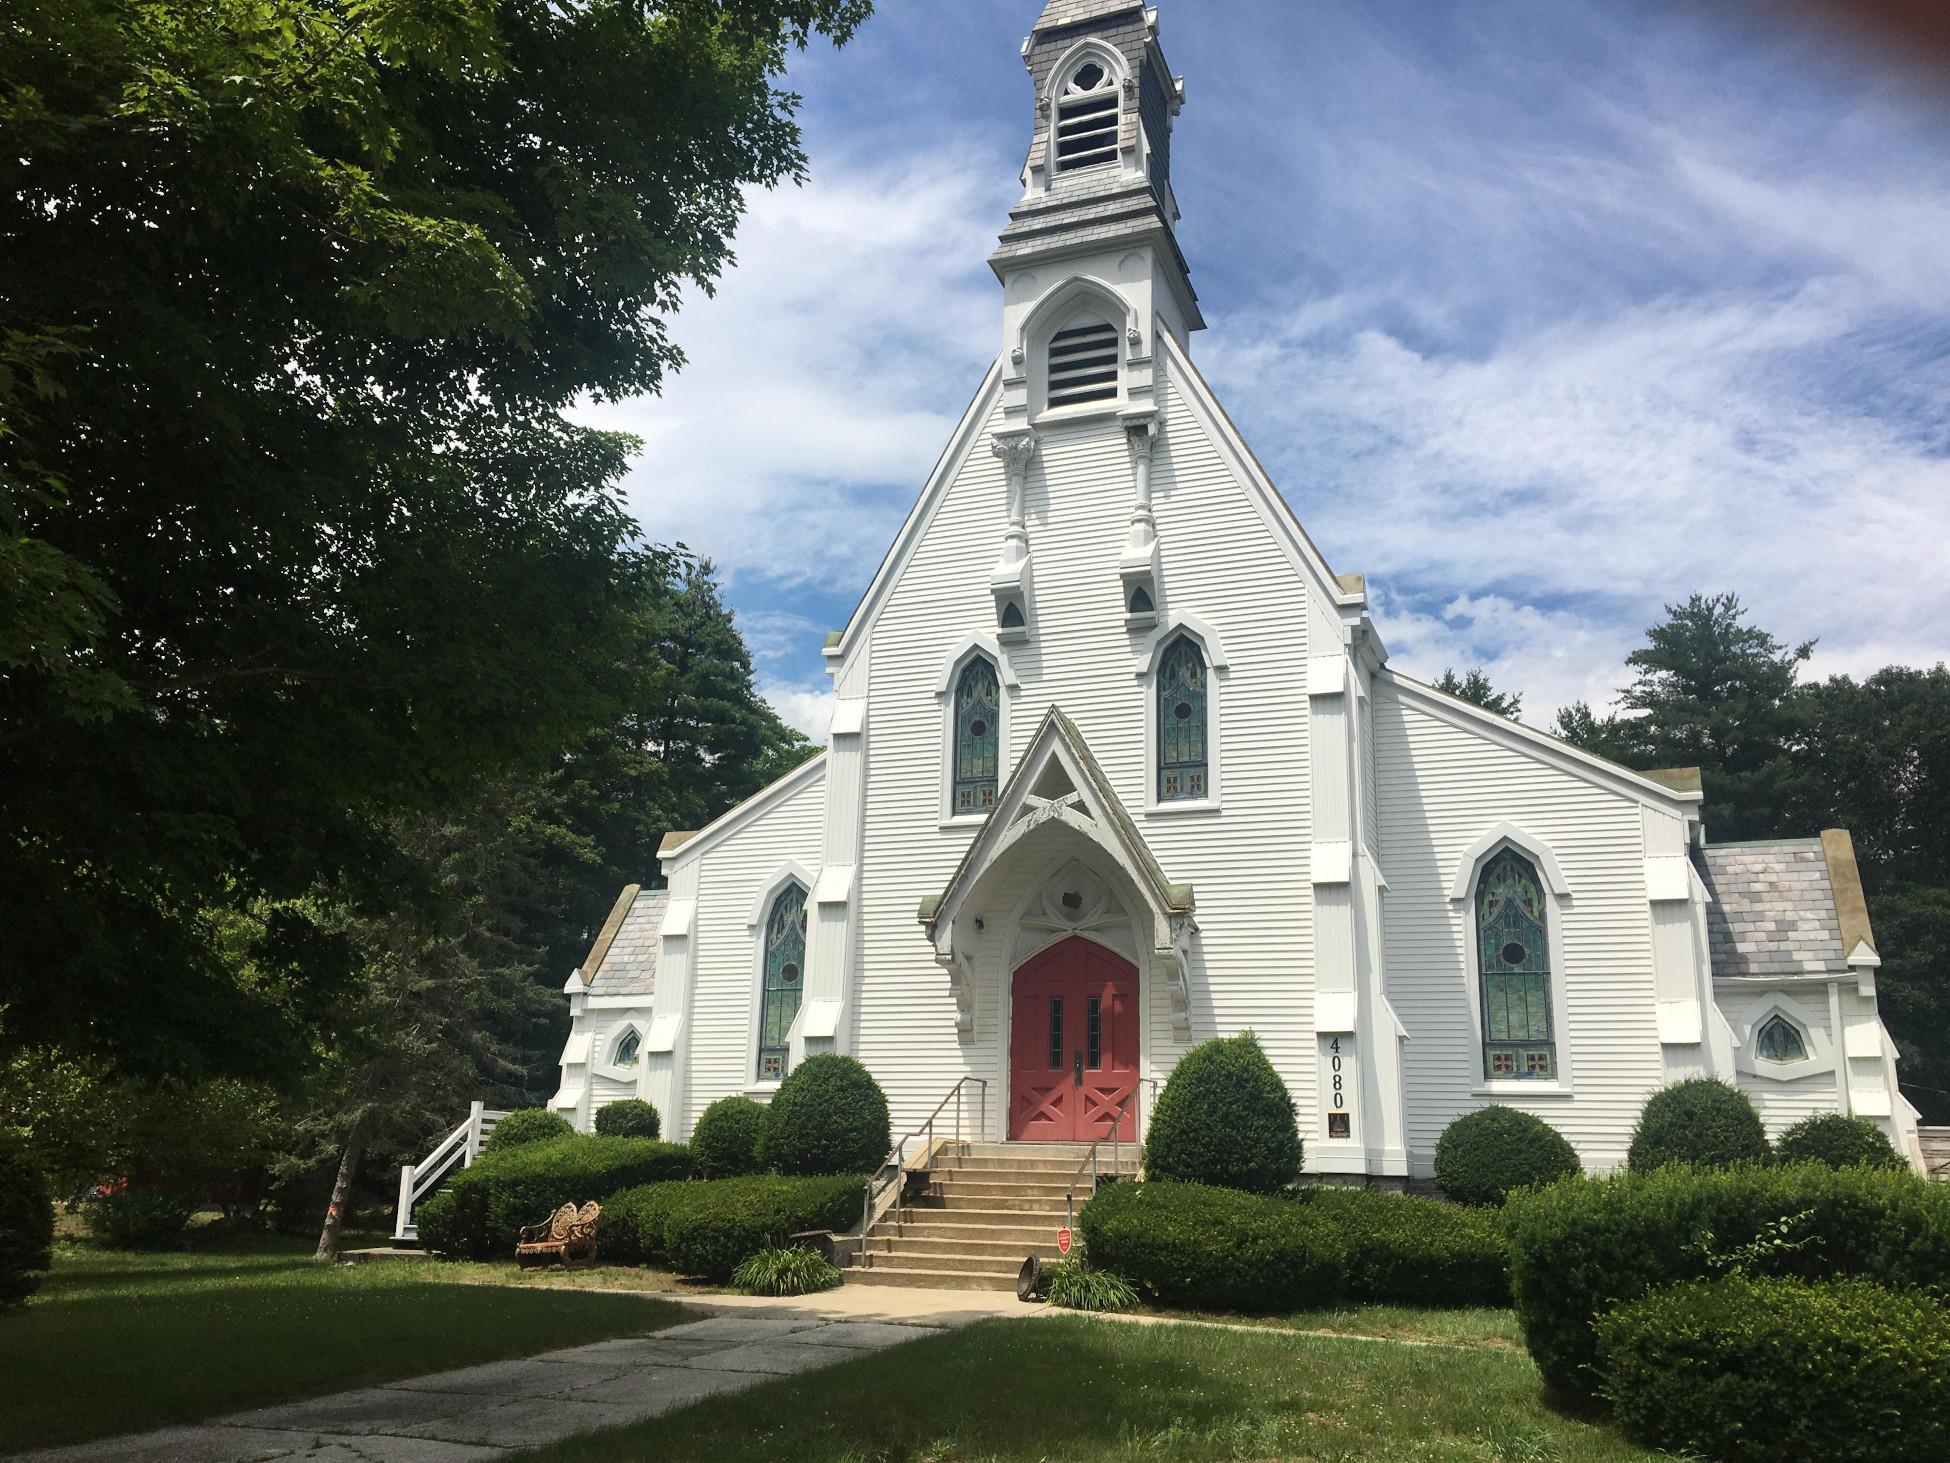 A Steampunk Church